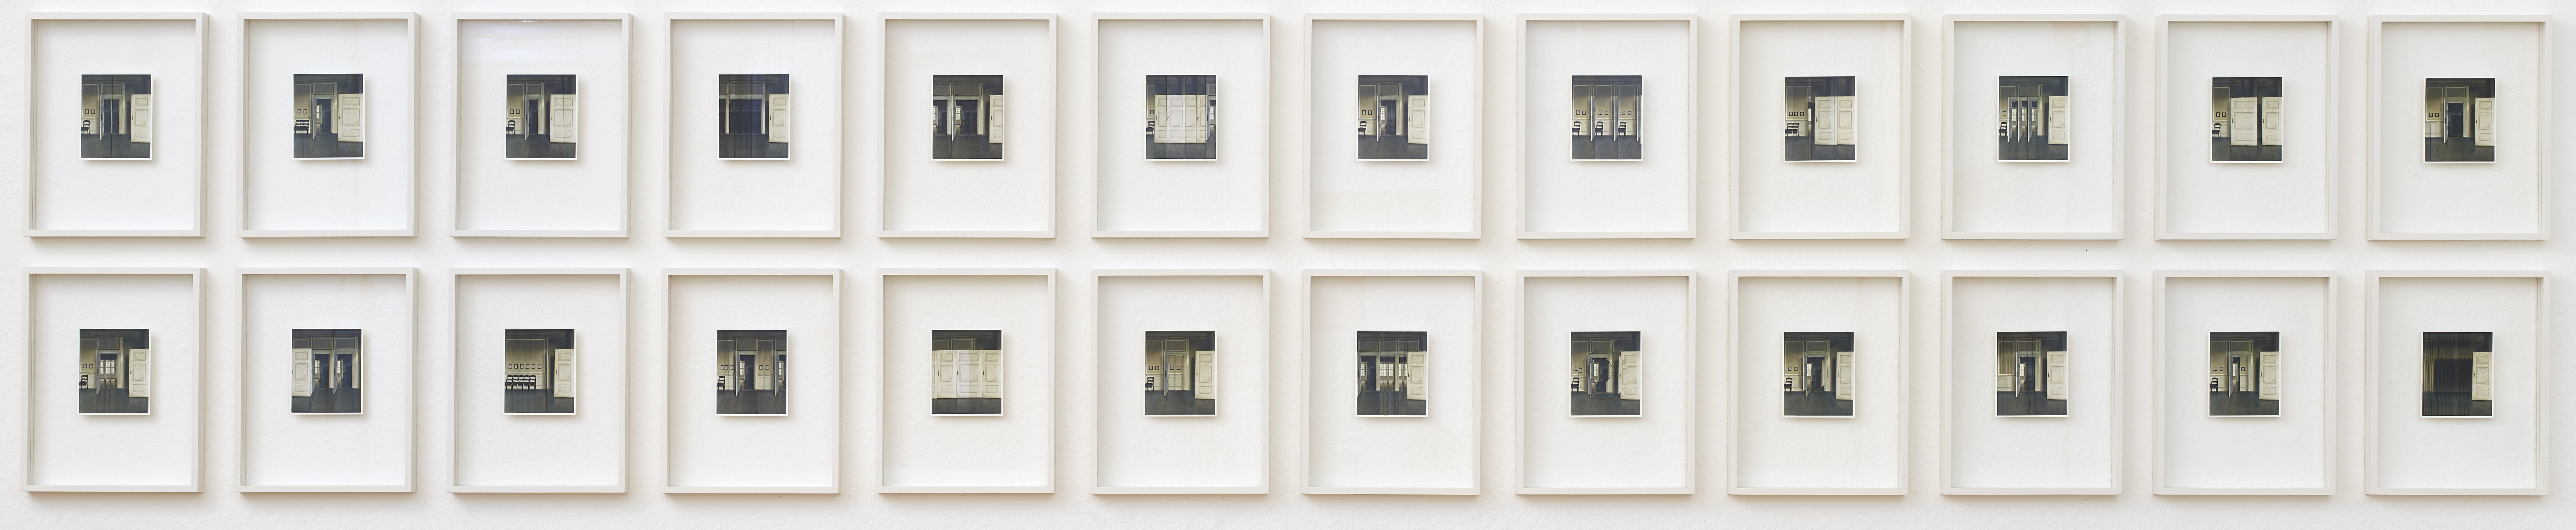 Ulrich Vogl – Hammershoi-Studien, 24 Postkartencollagen